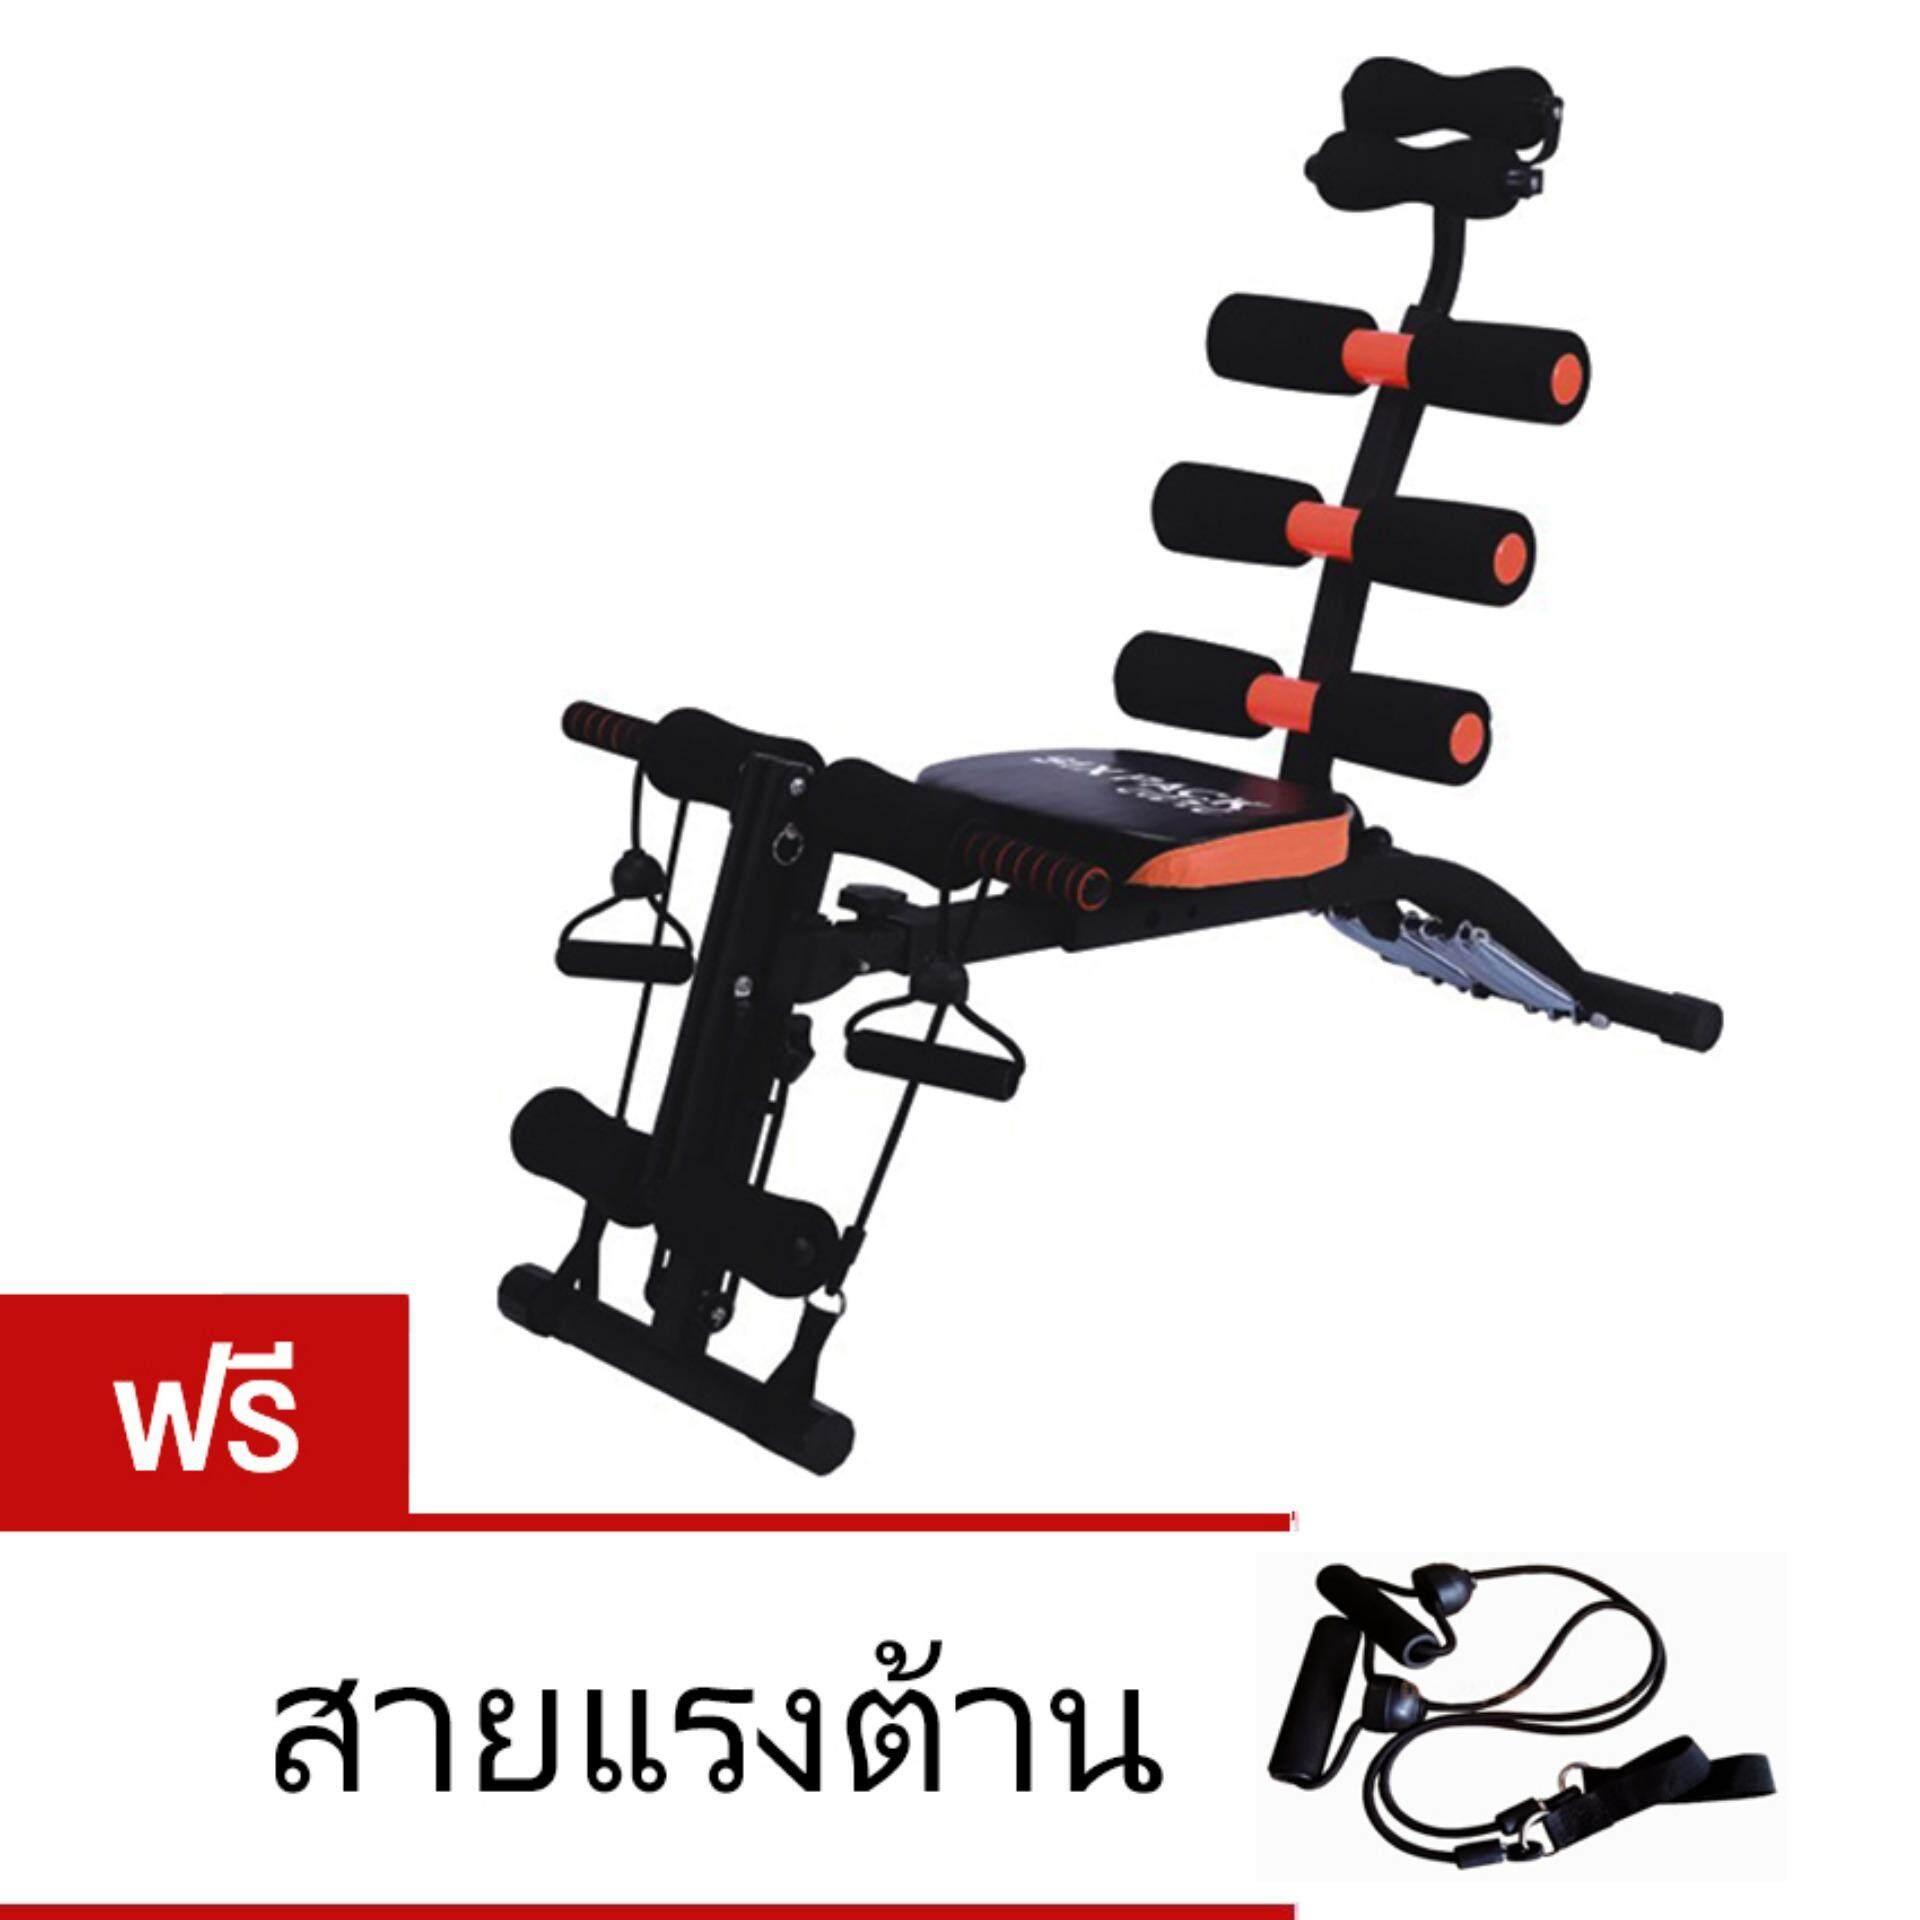 Six Pack Care เครื่องบริหารหน้าท้อง เครื่องซิทอัพ เก้าอี้ซิทอัพ สปริง 6 เส้น Sit Up Bench สีดำ สีส้ม เป็นต้นฉบับ